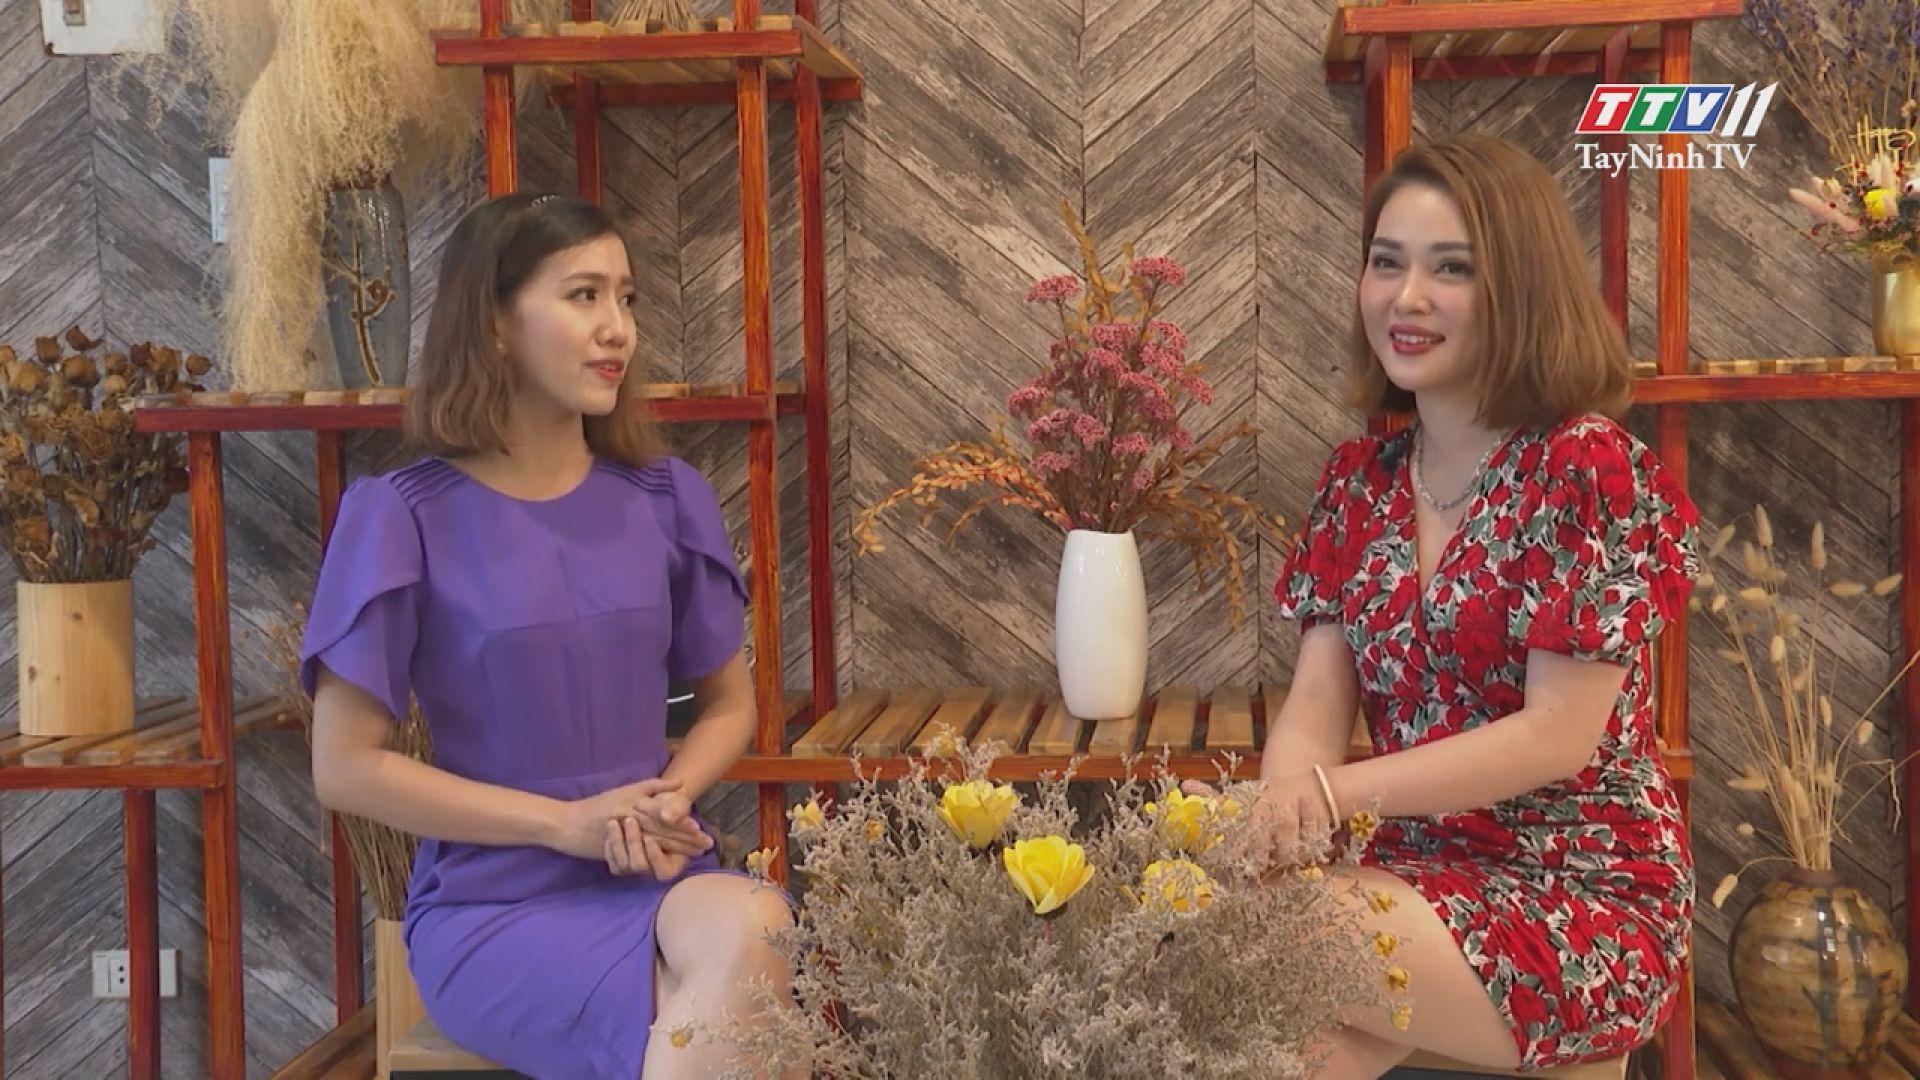 TỰ TIN VỚI LÀN DA MỘC | 360 ĐỘ ĐẸP | Tây Ninh TV